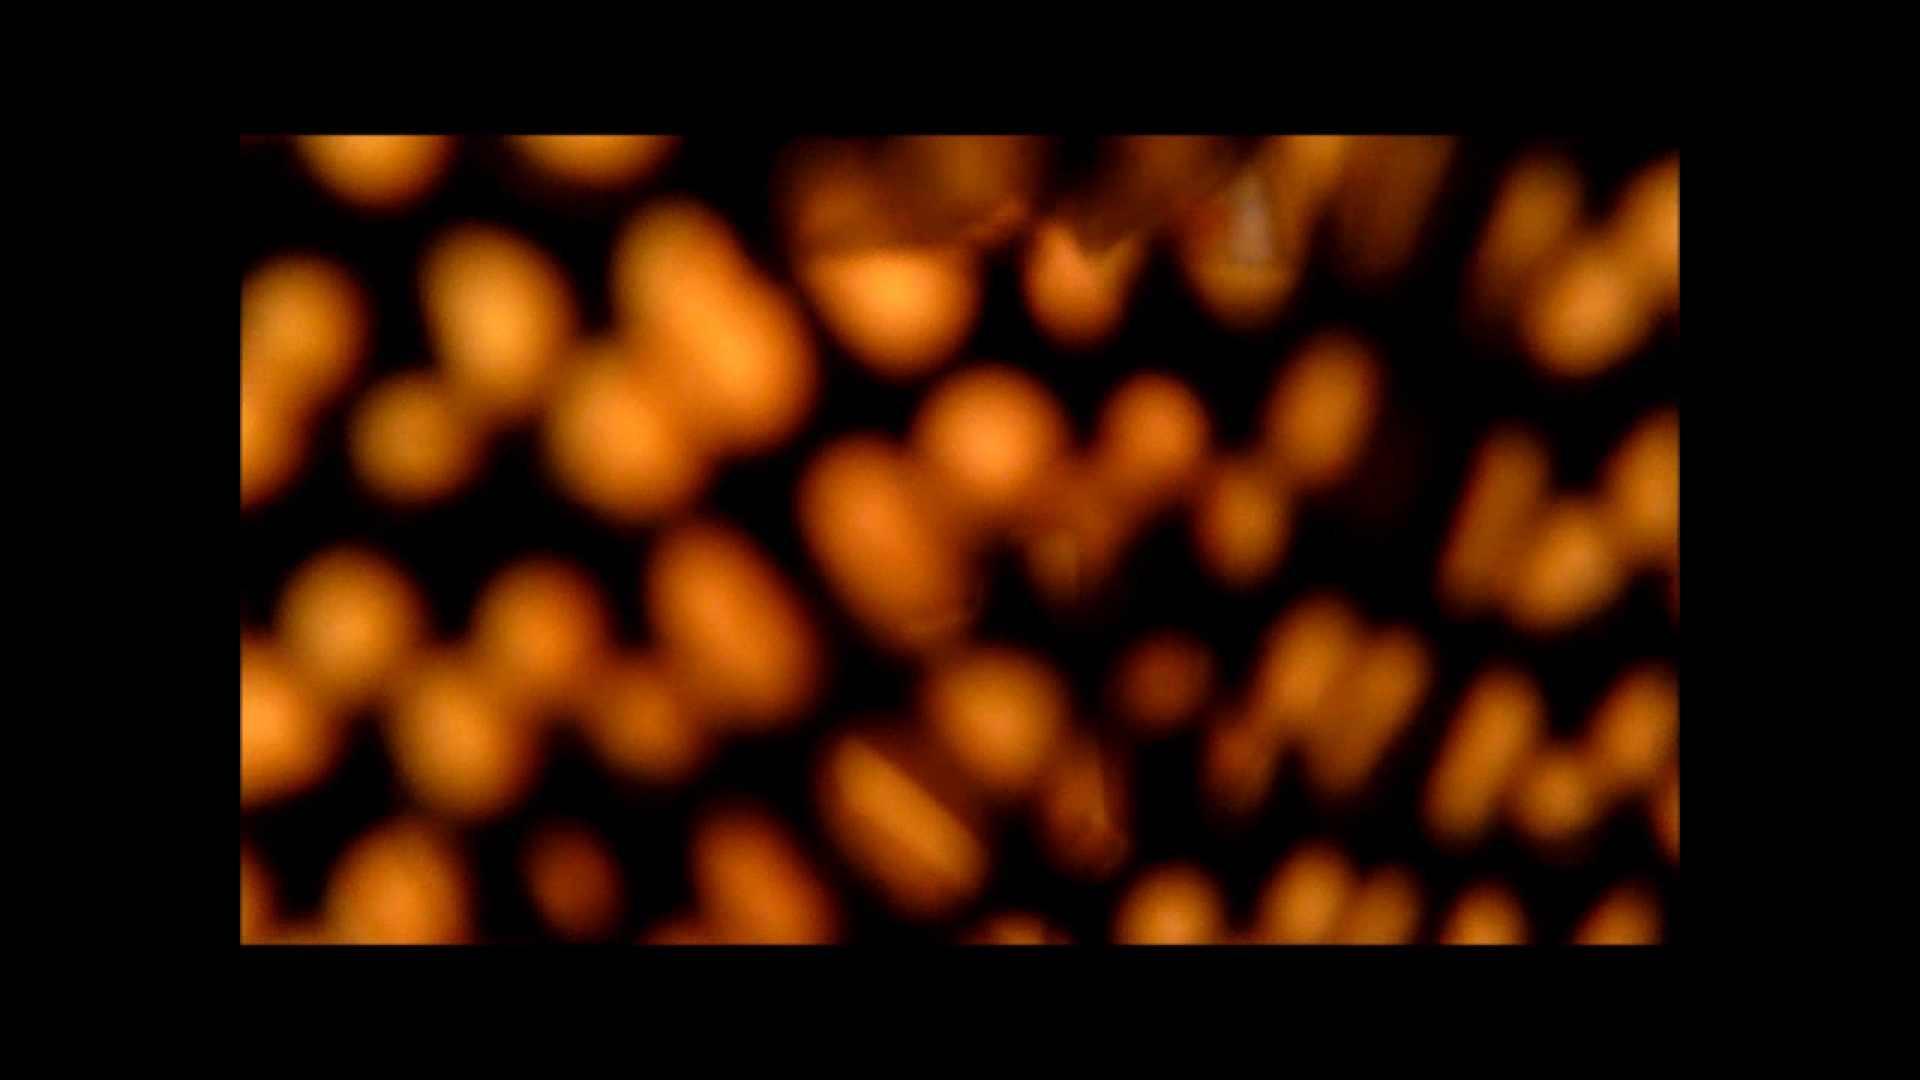 【02】ベランダに侵入して張り込みを始めて・・・やっと結果が出ました。 家宅侵入   0  107pic 45